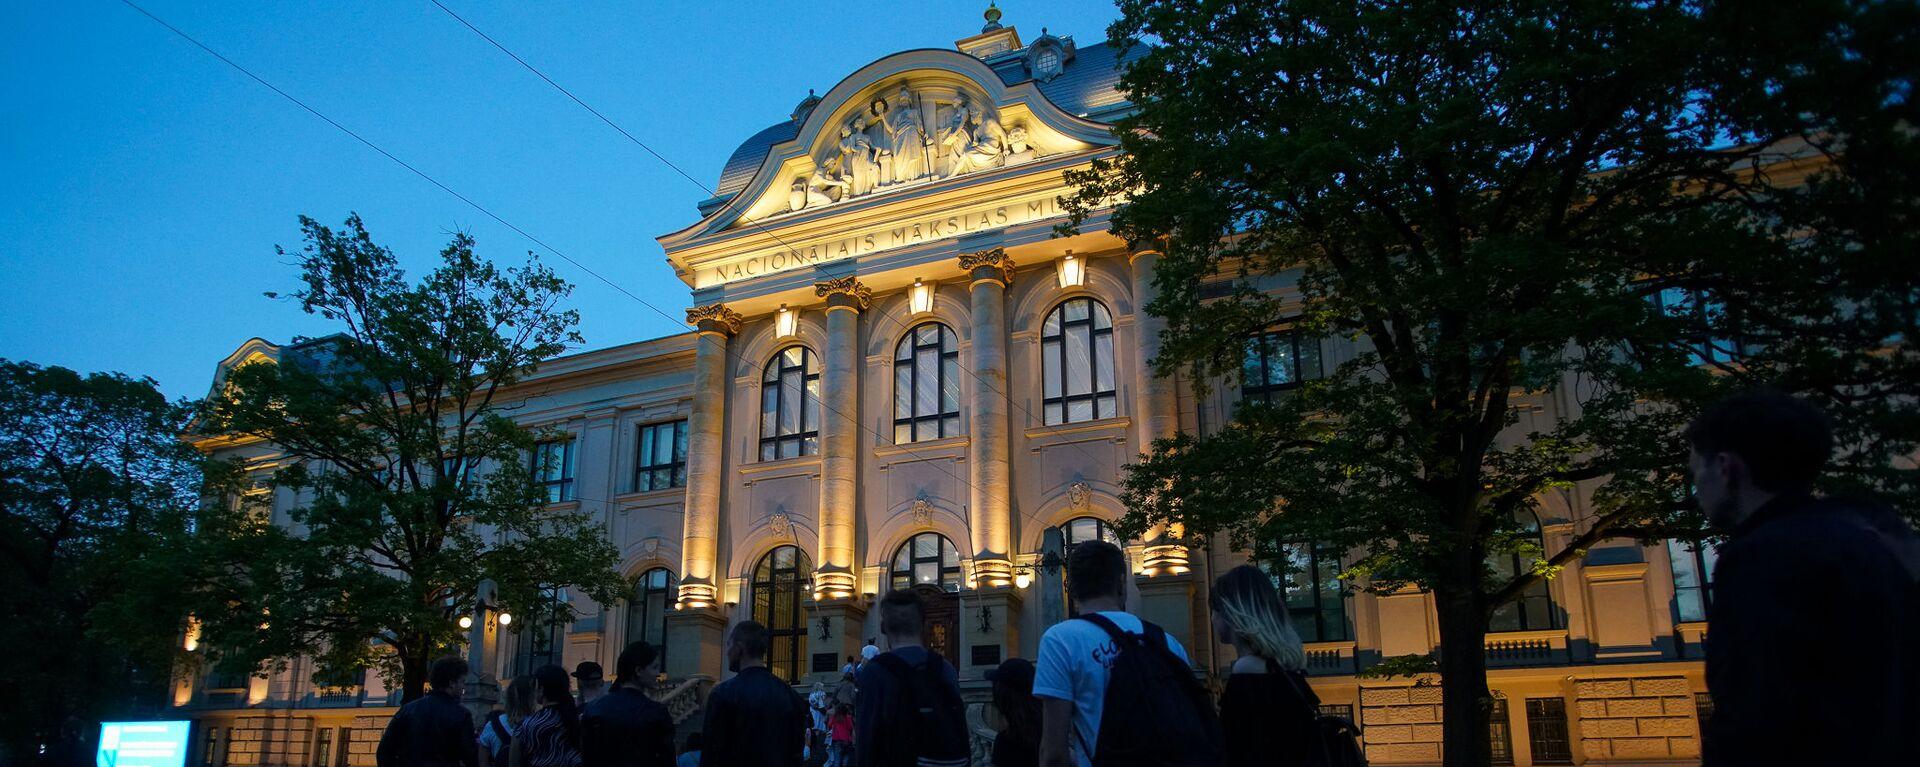 Посетители в очереди в Национальный художественный музей во время акции Ночь музеев в Риге - Sputnik Латвия, 1920, 07.06.2021